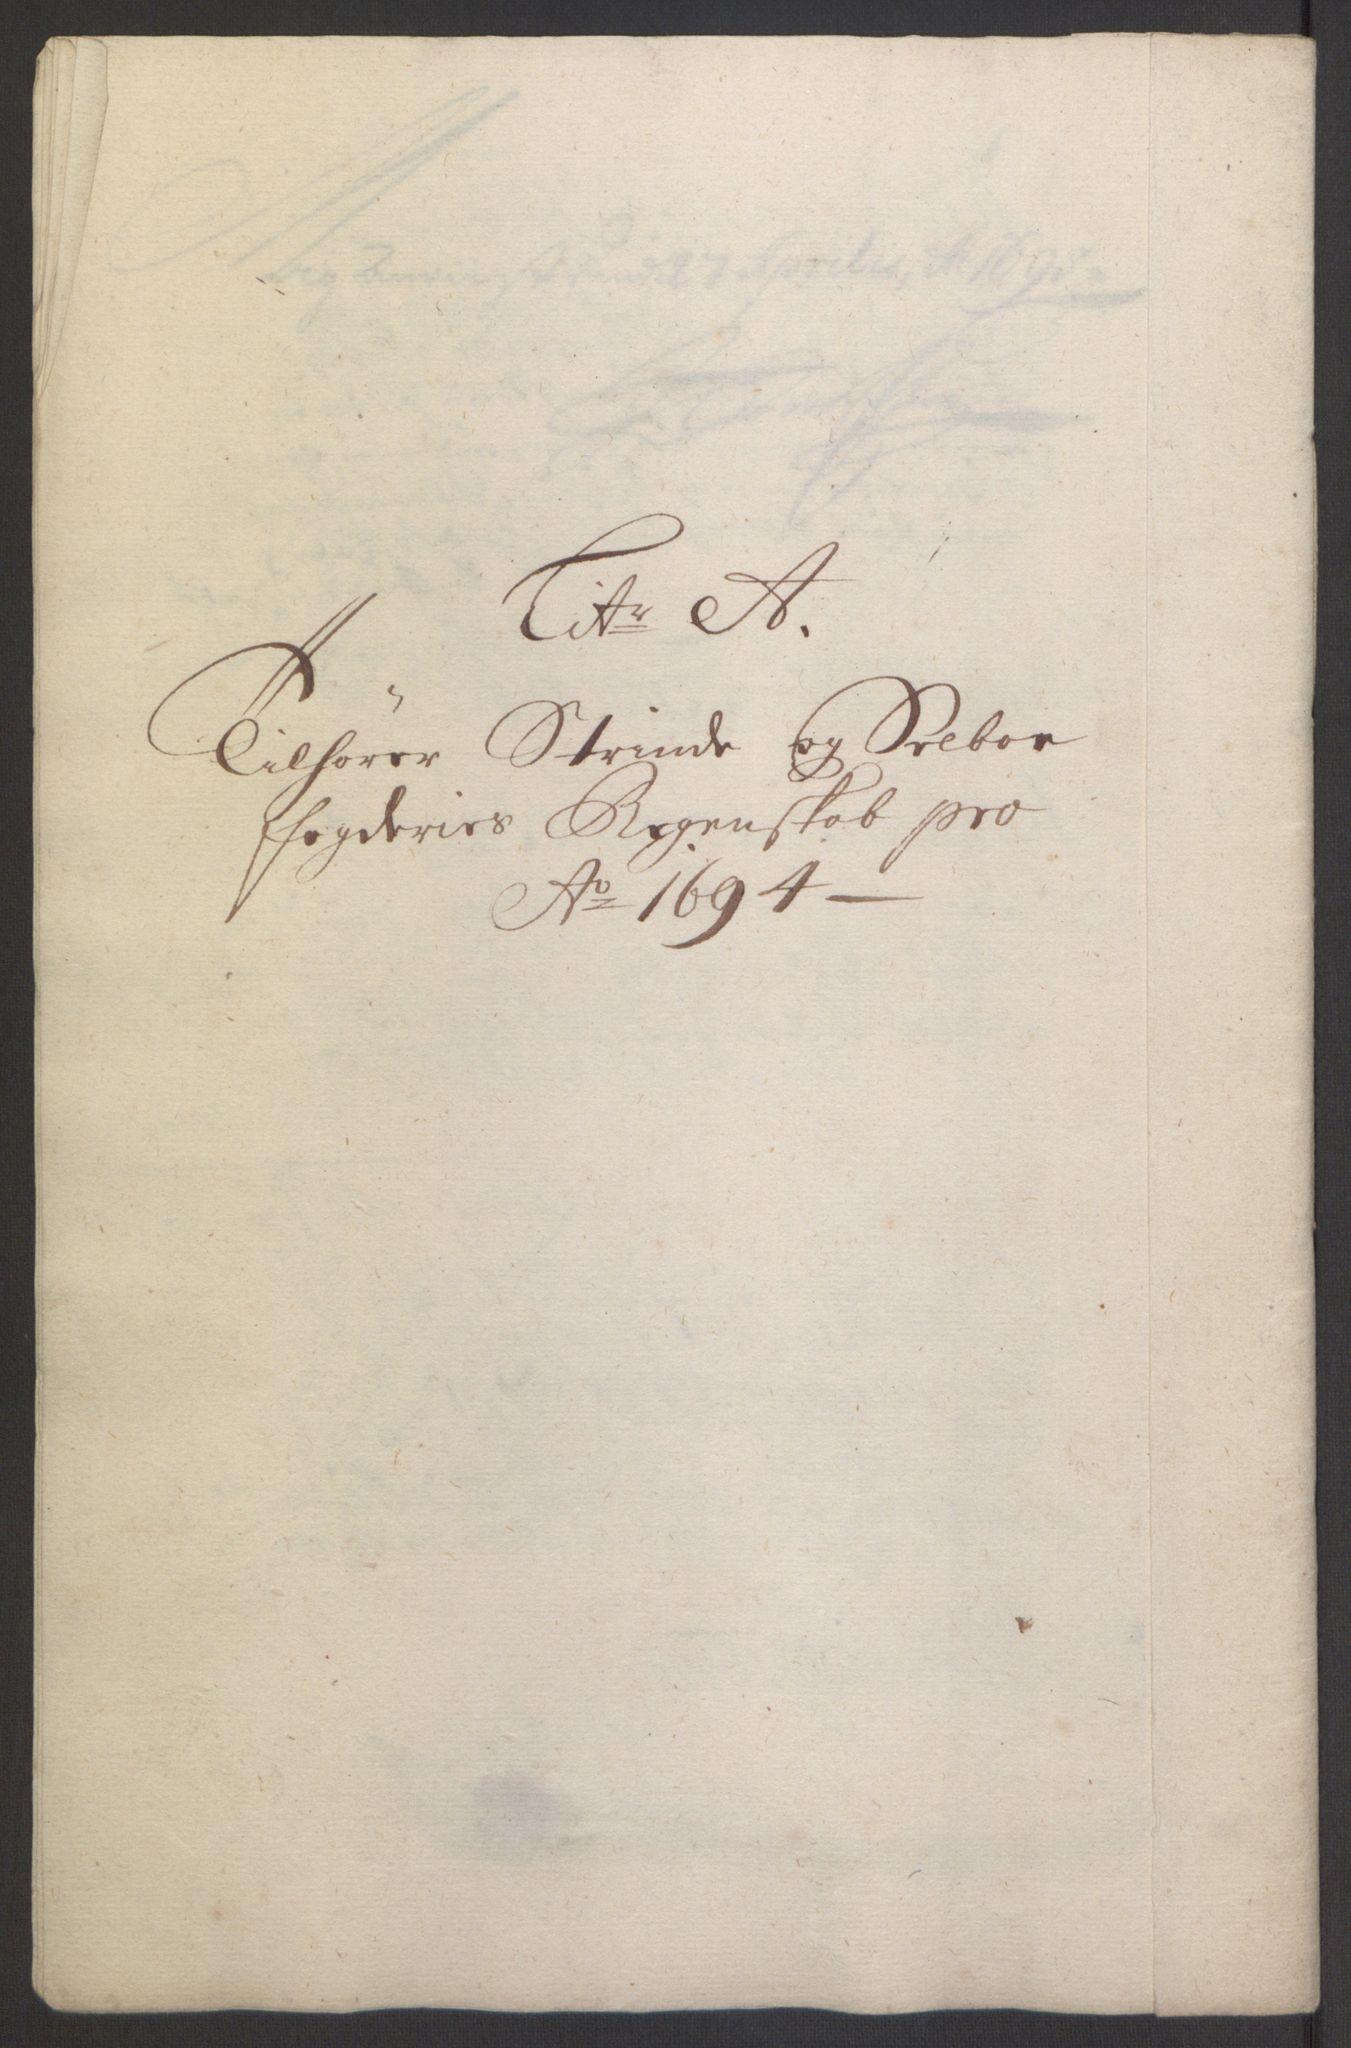 RA, Rentekammeret inntil 1814, Reviderte regnskaper, Fogderegnskap, R61/L4104: Fogderegnskap Strinda og Selbu, 1693-1694, s. 207